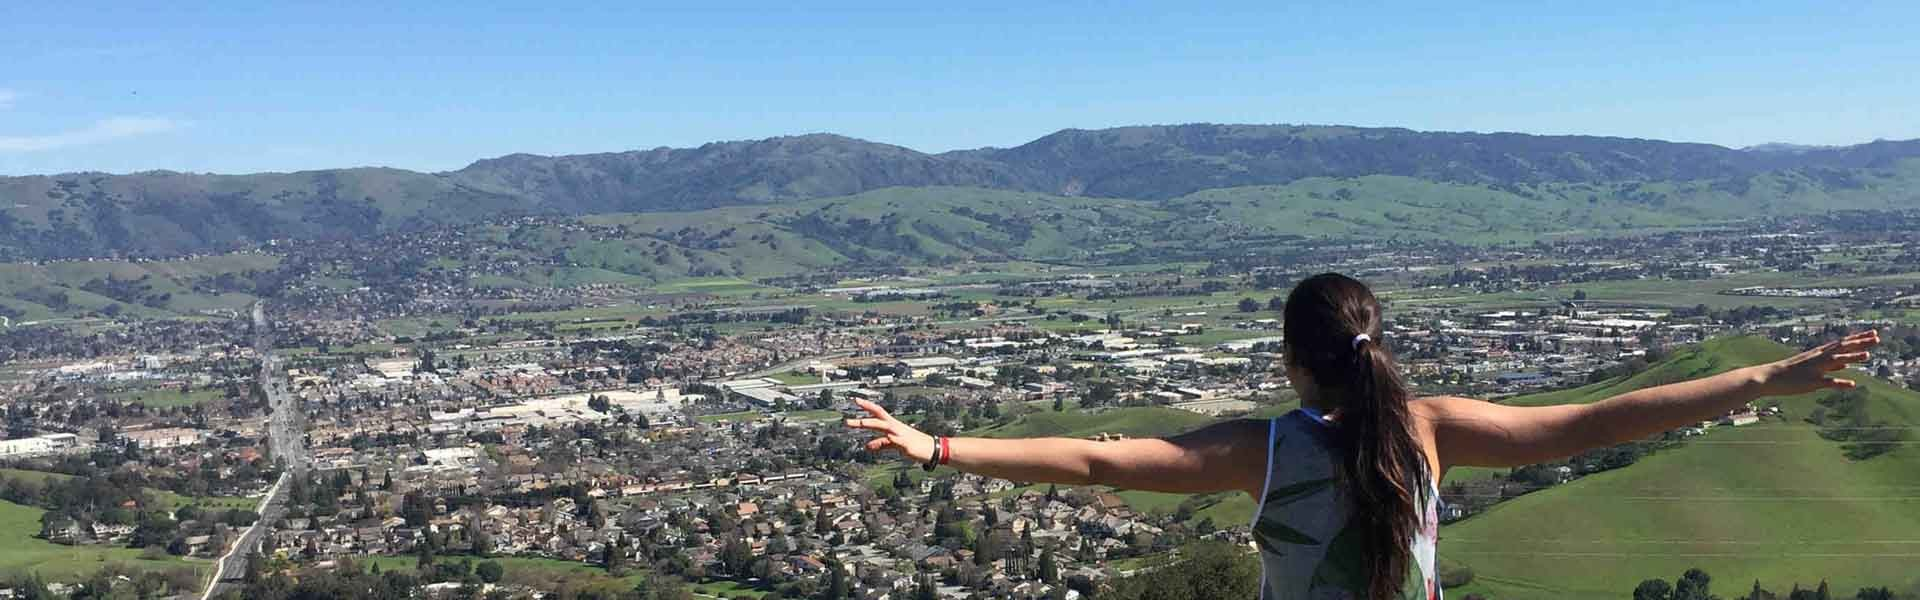 MOrganHill-Highschool-CA-LAndscape-Banner-Main-US-2019